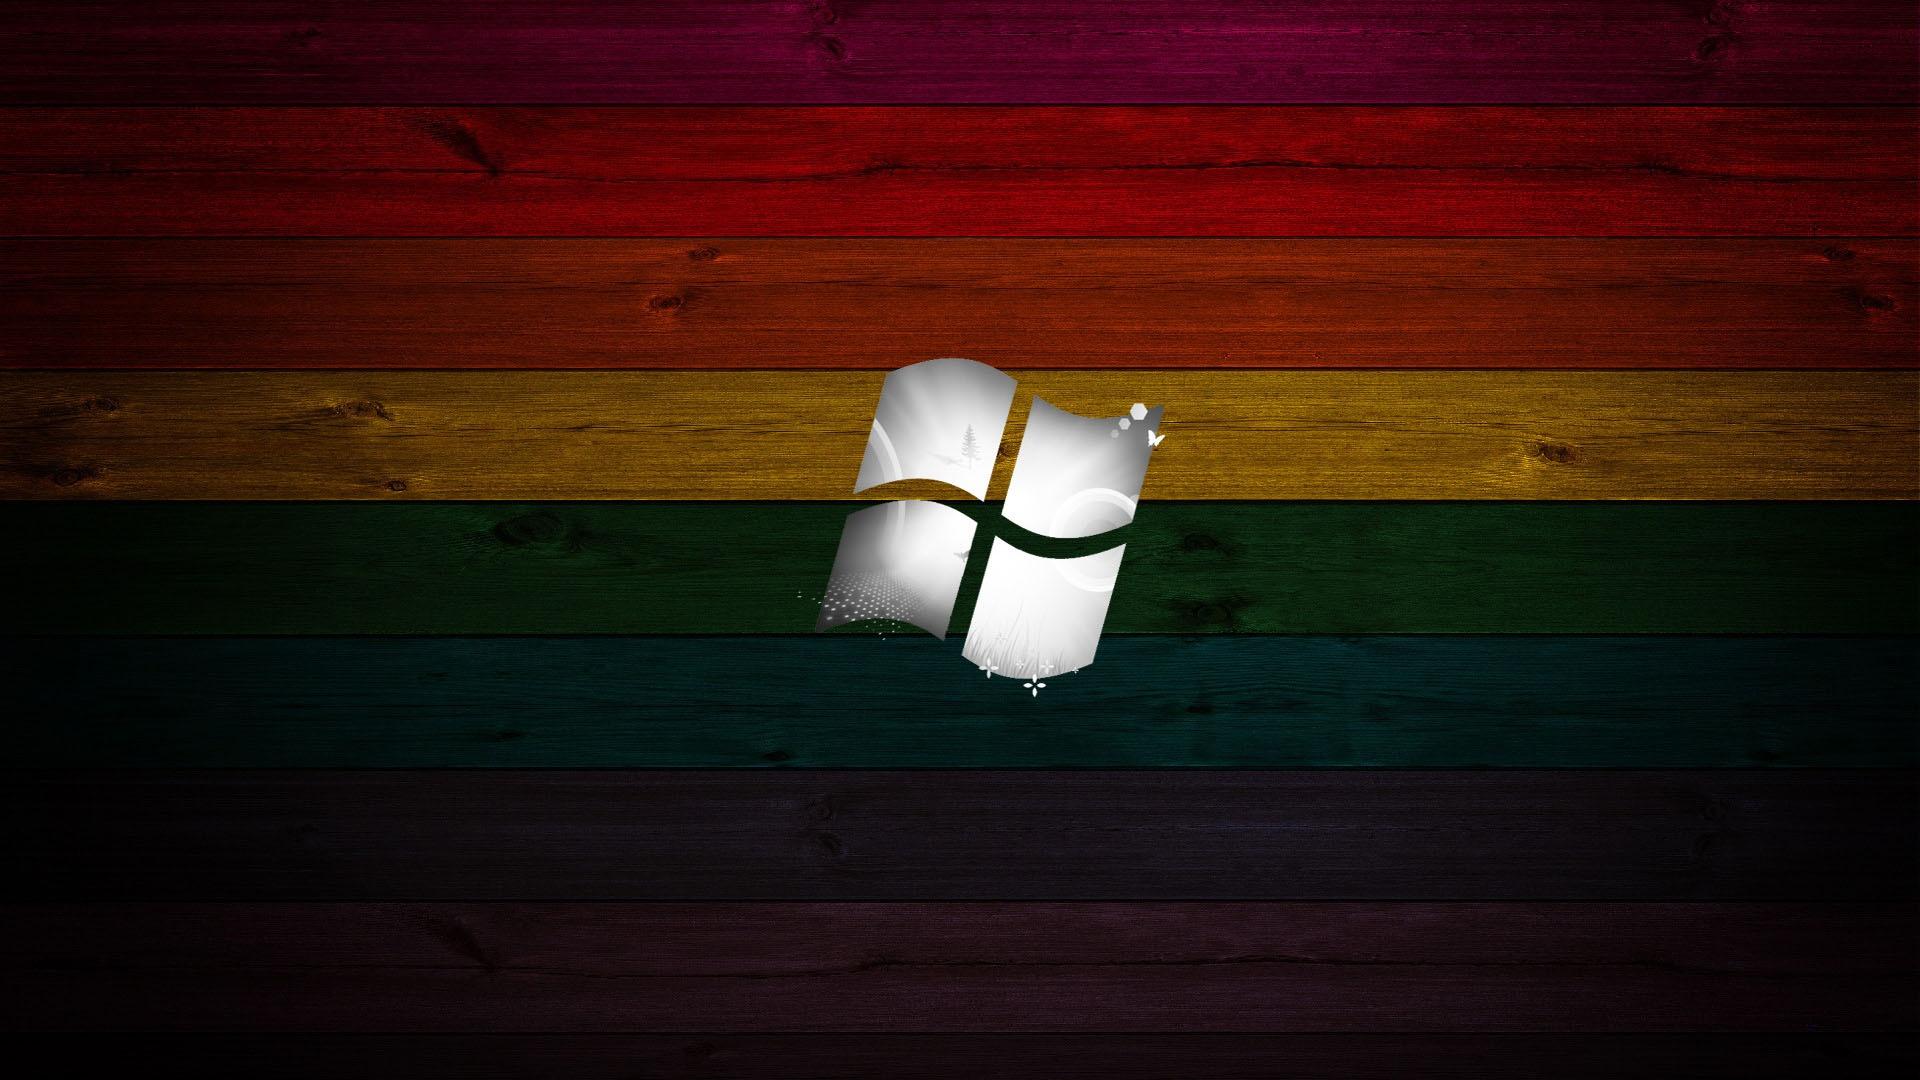 HQ Windows 7 Backup Restore 1920x1080 Wallpaper 1920x1080